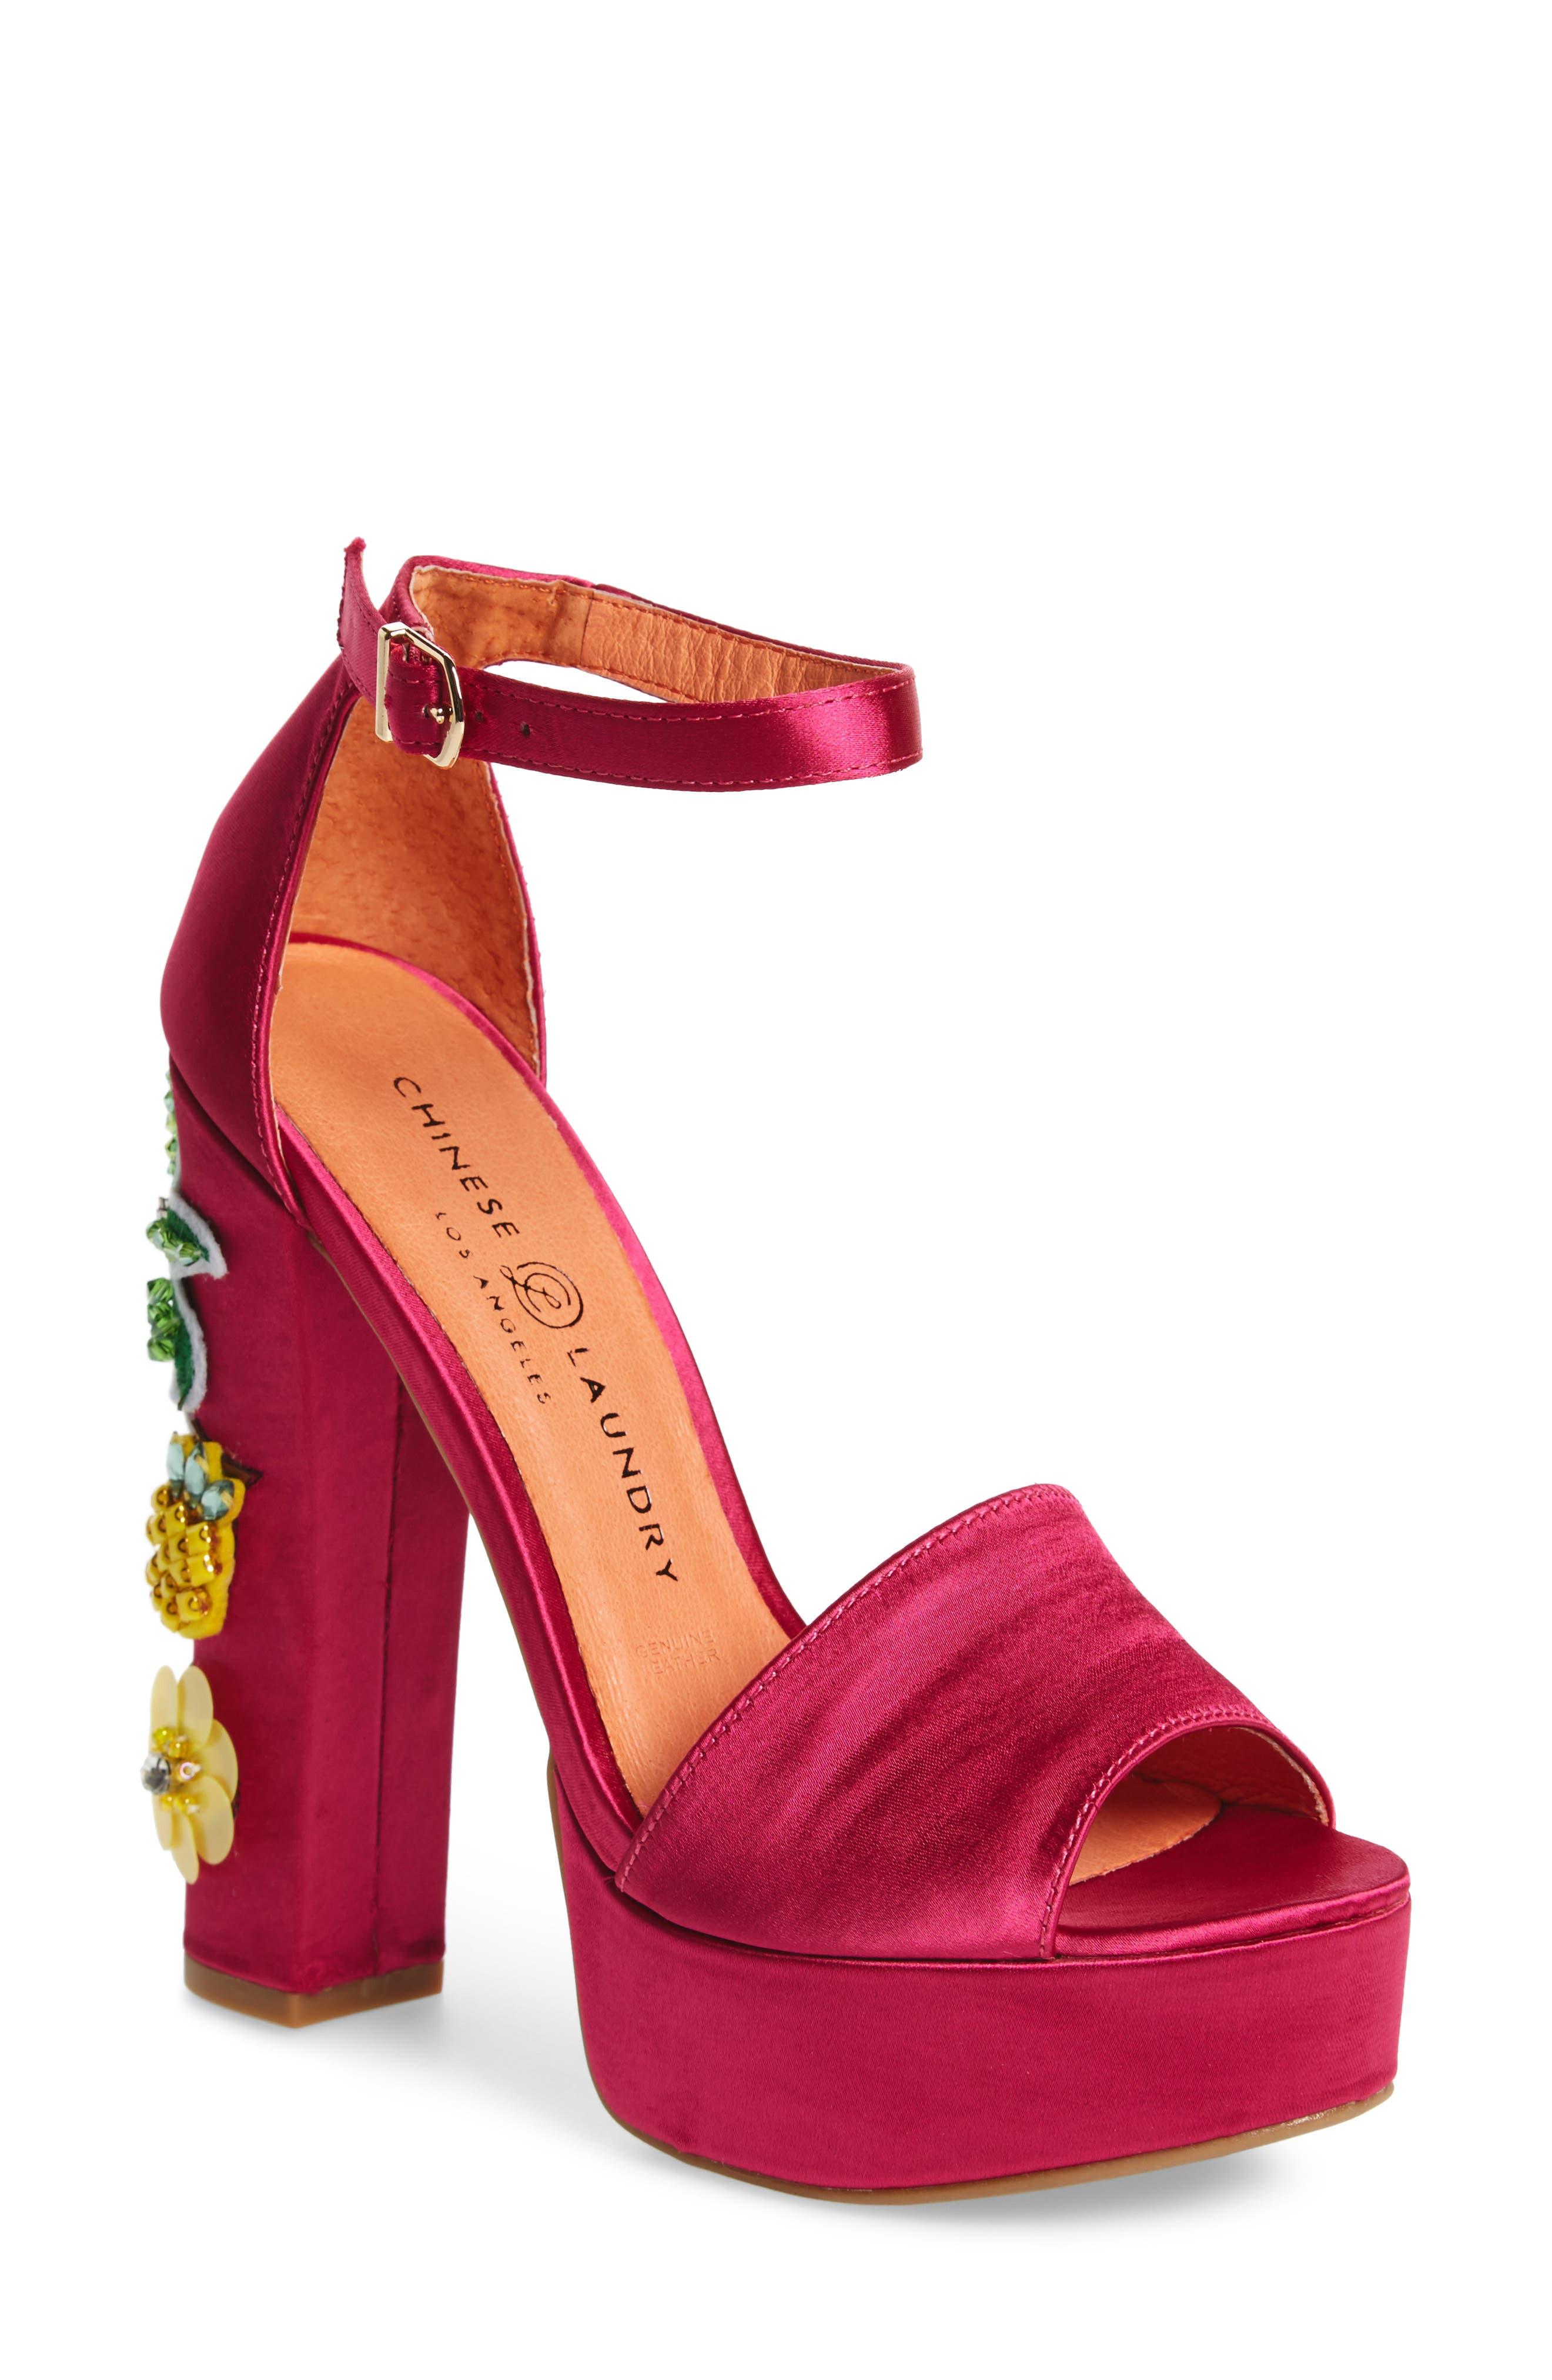 Alternate Image 1 Selected - Chinese Laundry Aloha Embellished Platform Sandal (Women)